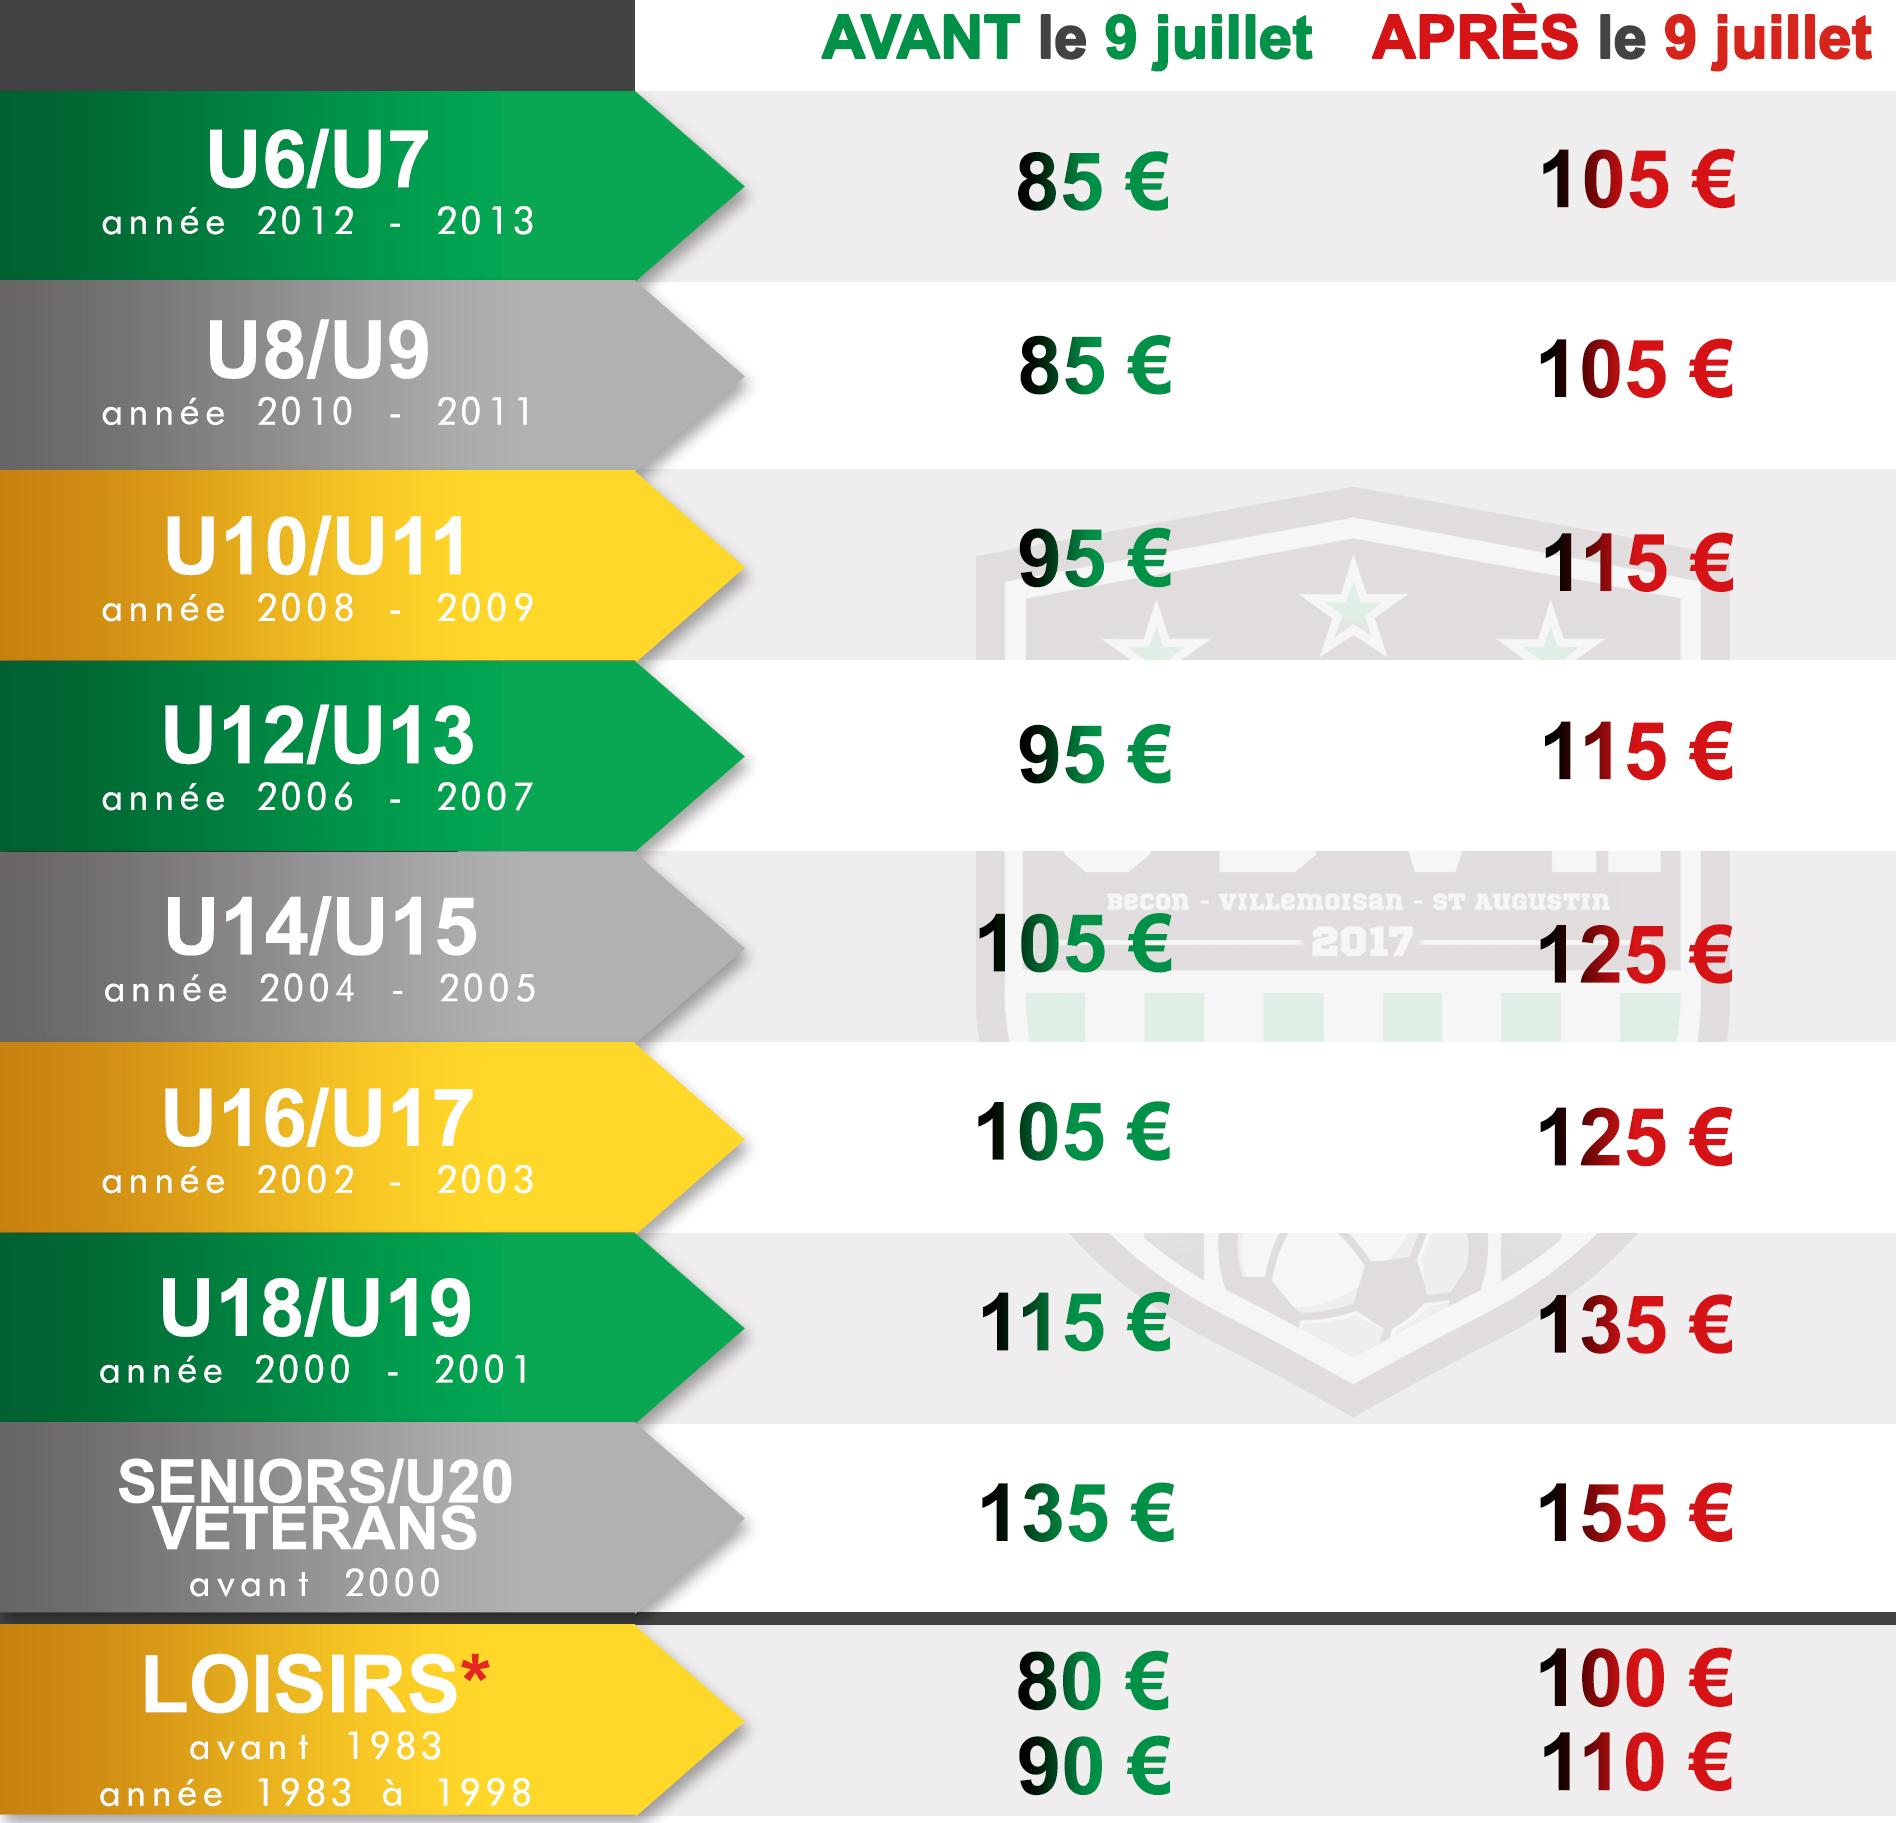 Tarifs licences saison 2018-2019